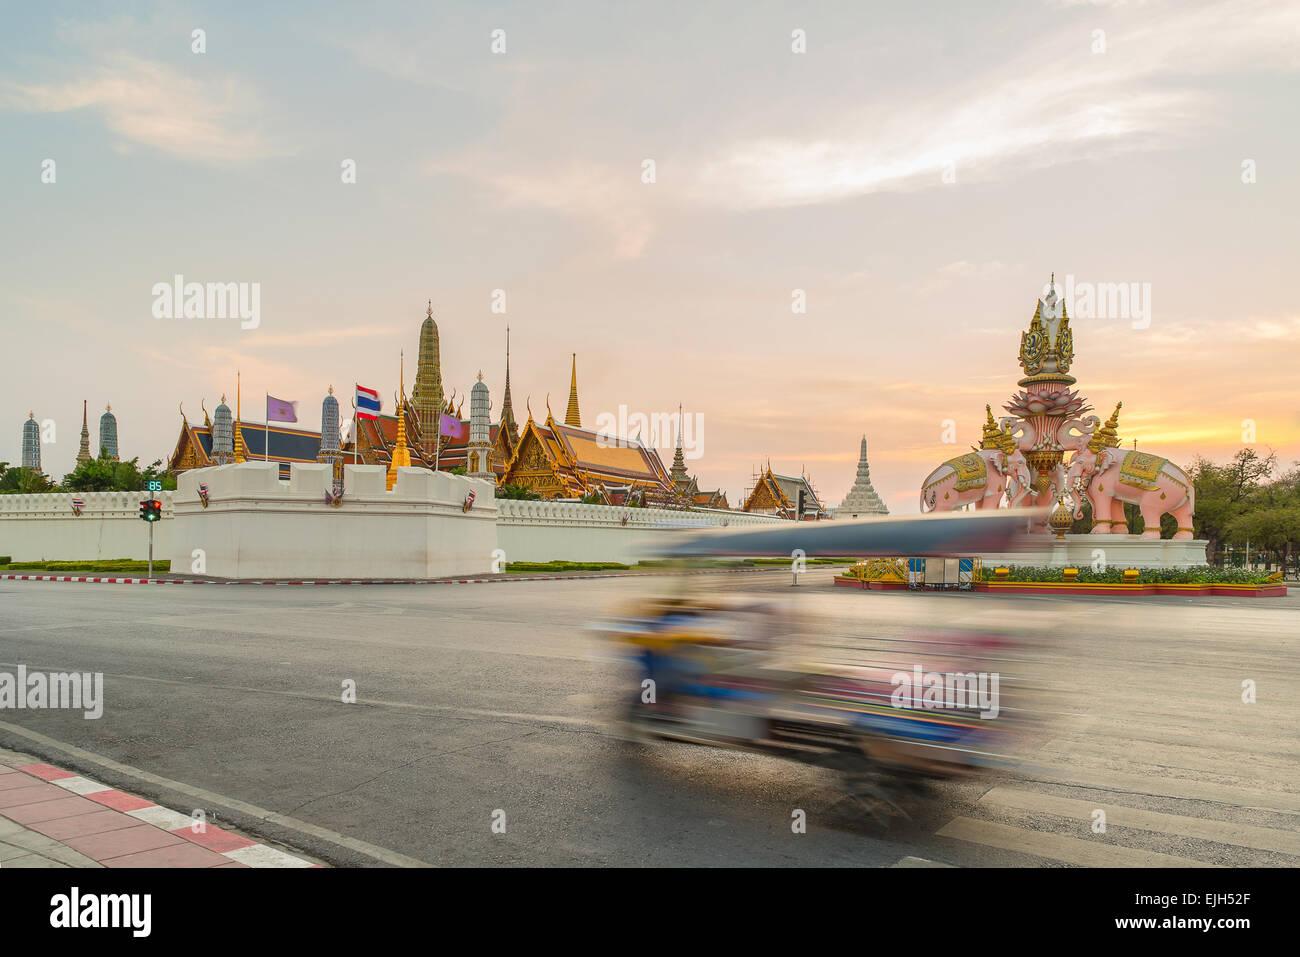 Tuk Tuk para automóviles de pasajeros. Hacer turismo en Bangkok. Imagen De Stock